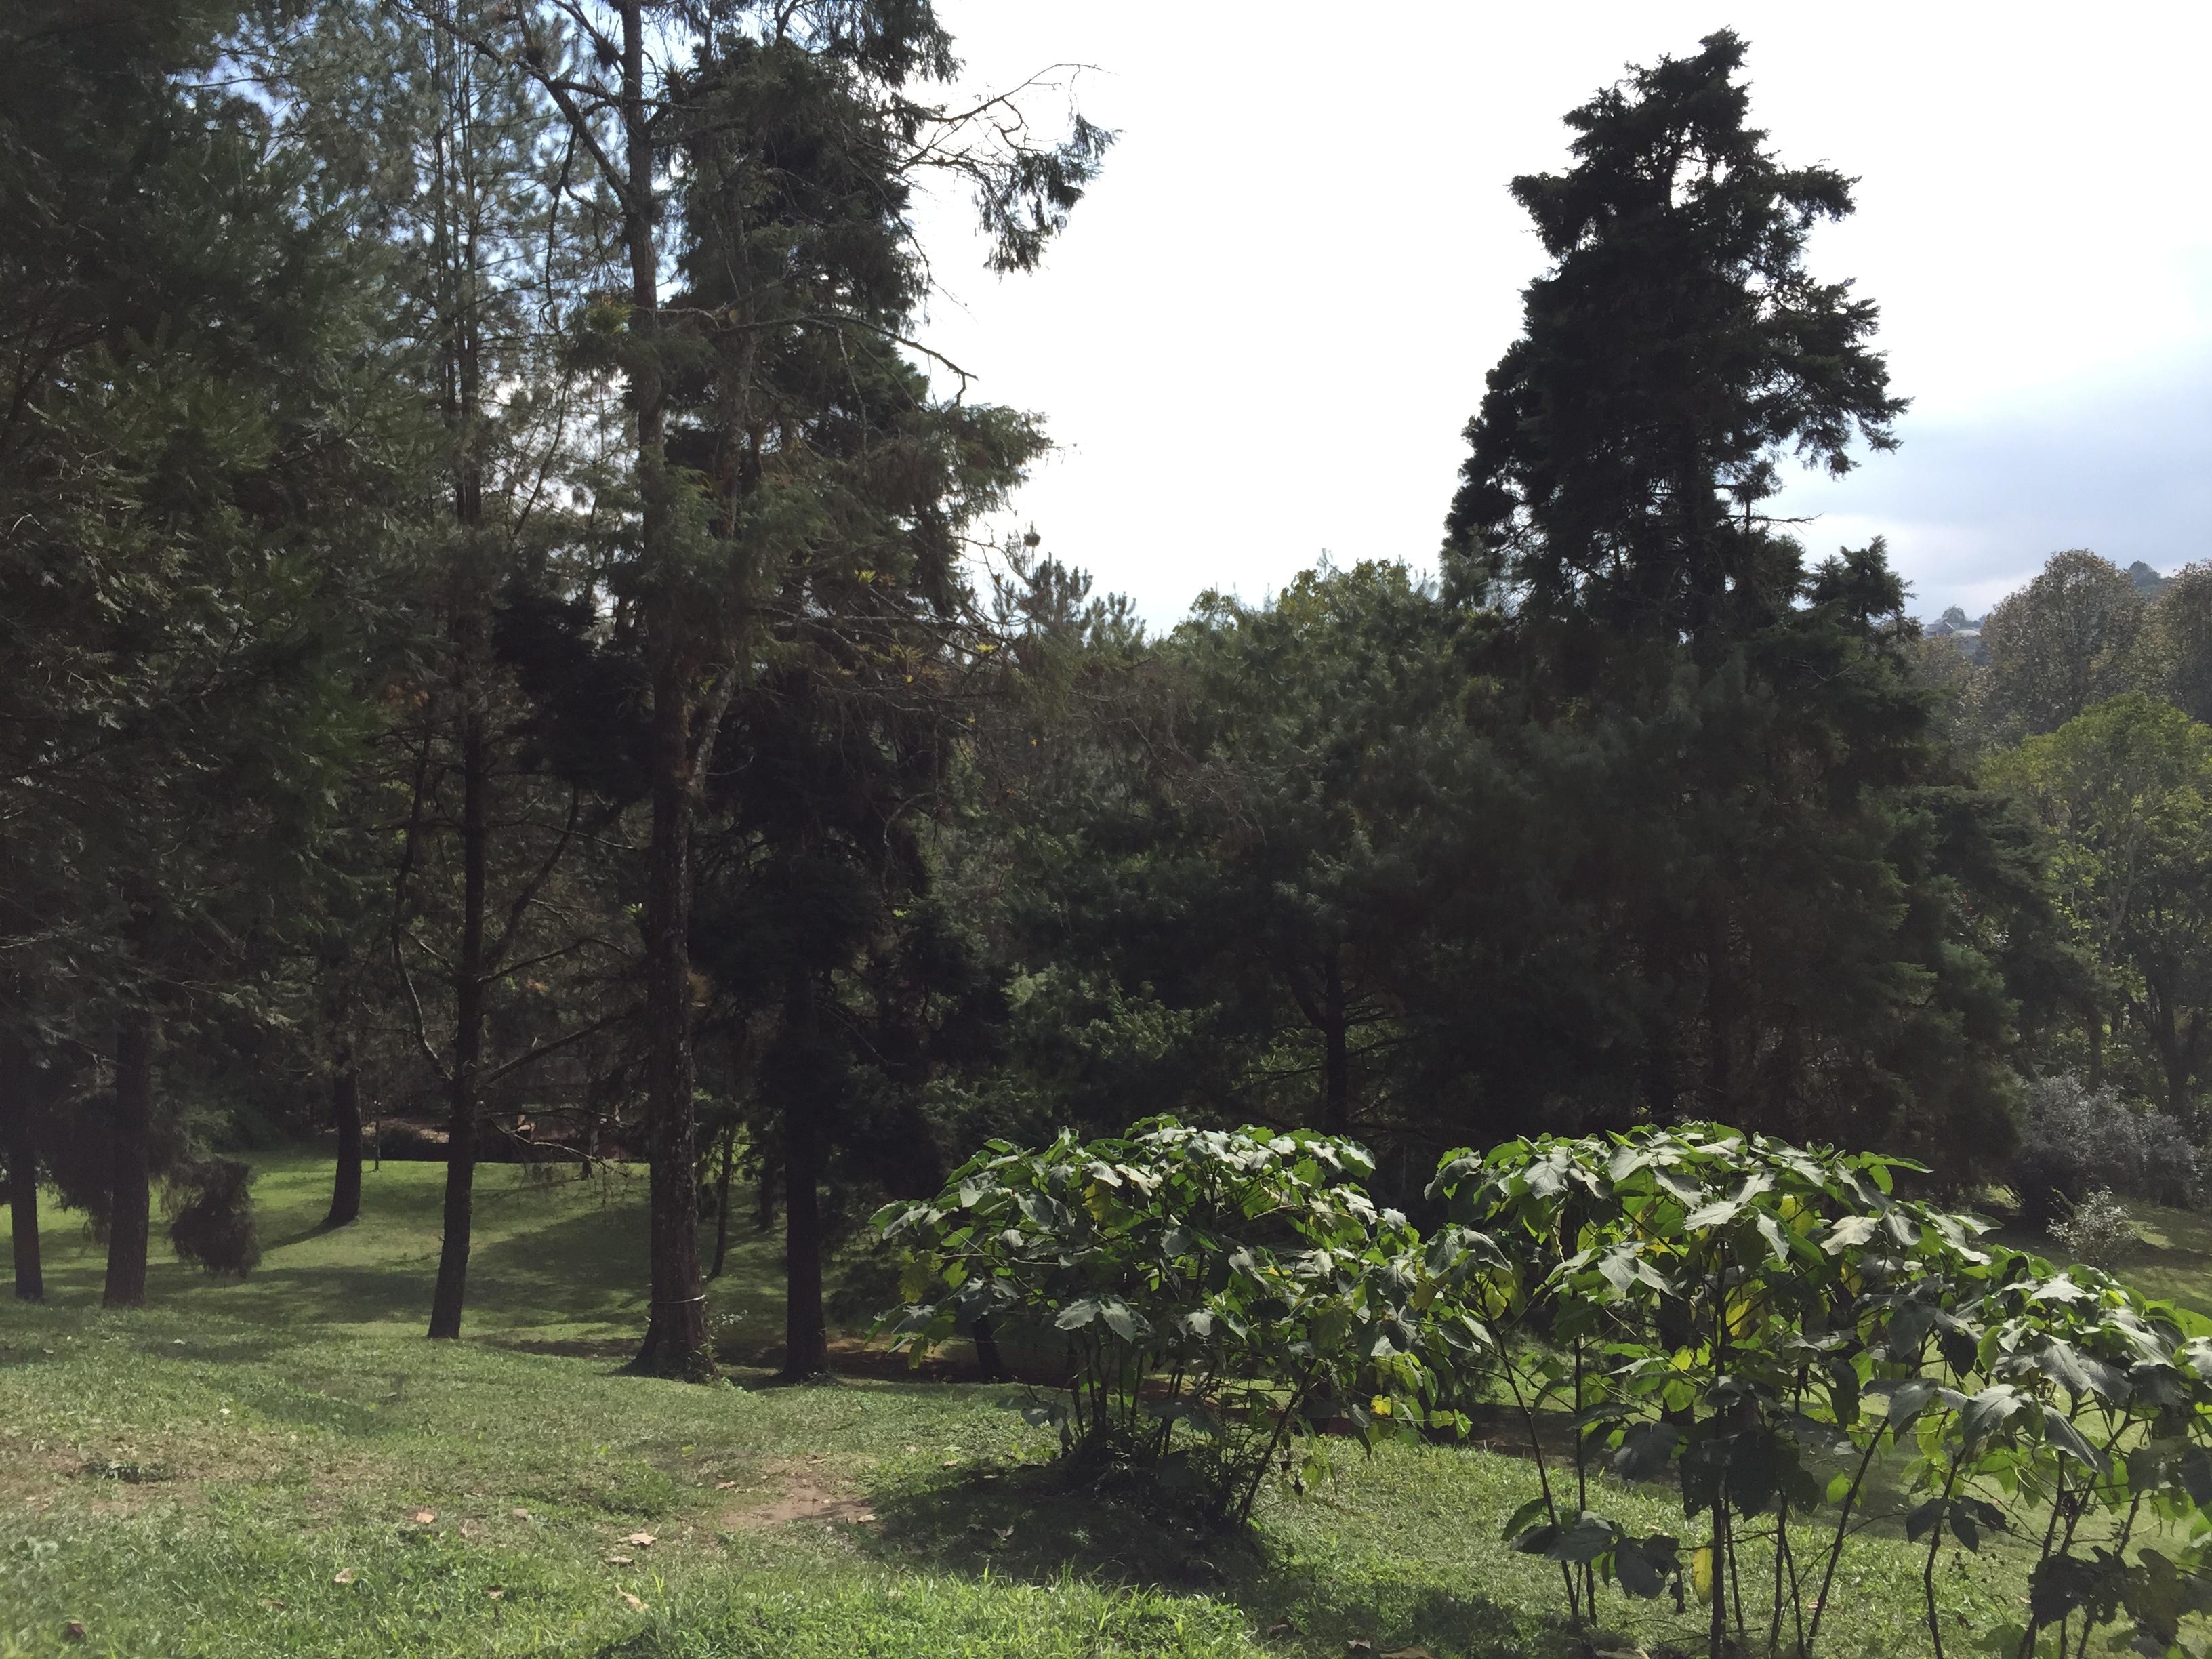 Rboles del jard n bot nico de xalapa for Arboles del jardin botanico